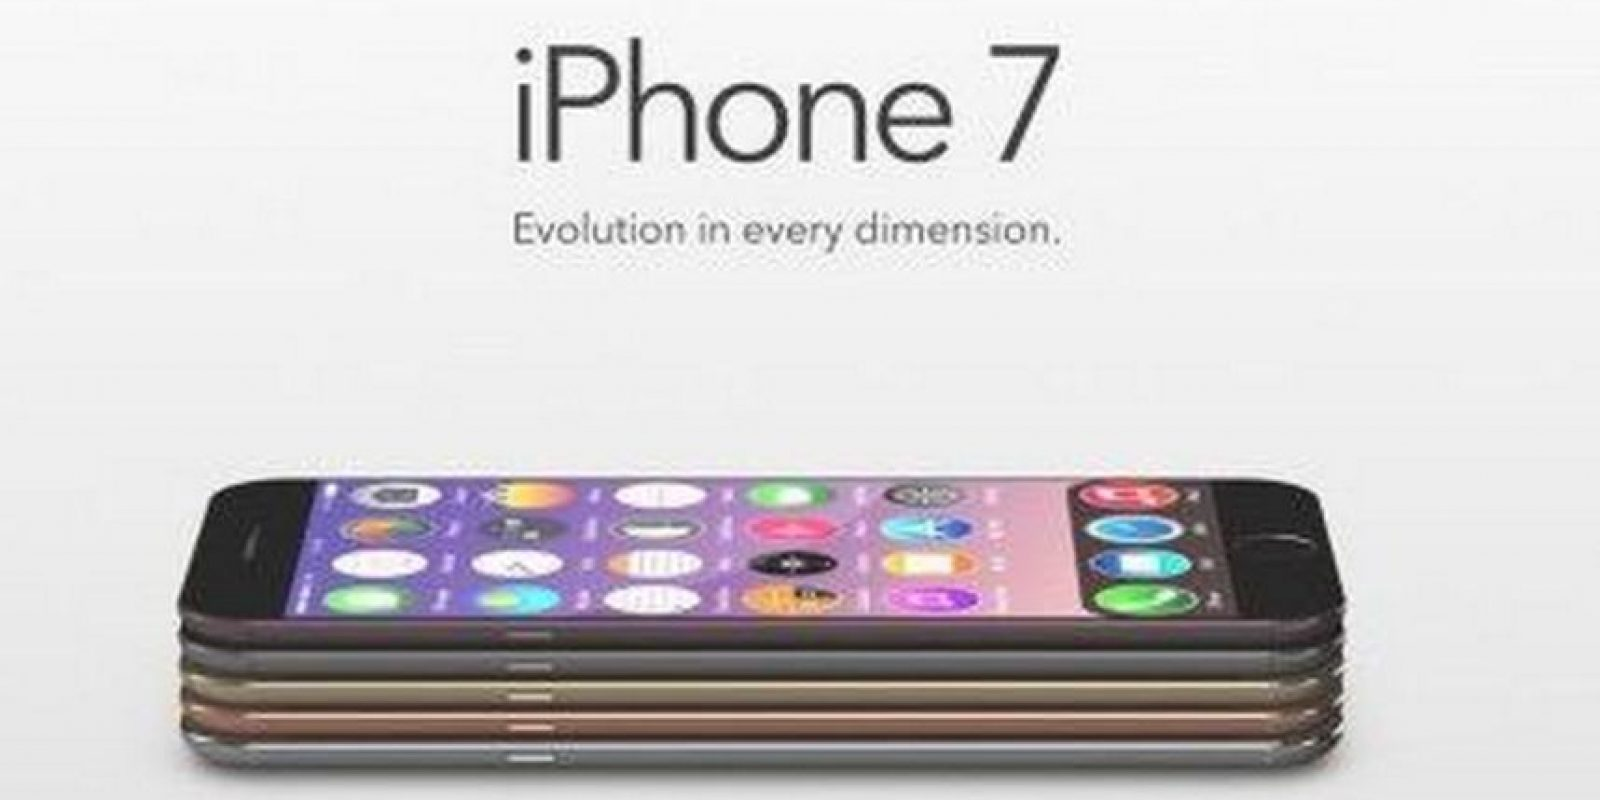 Posible nombre iPhone 7 Foto:Tumblr